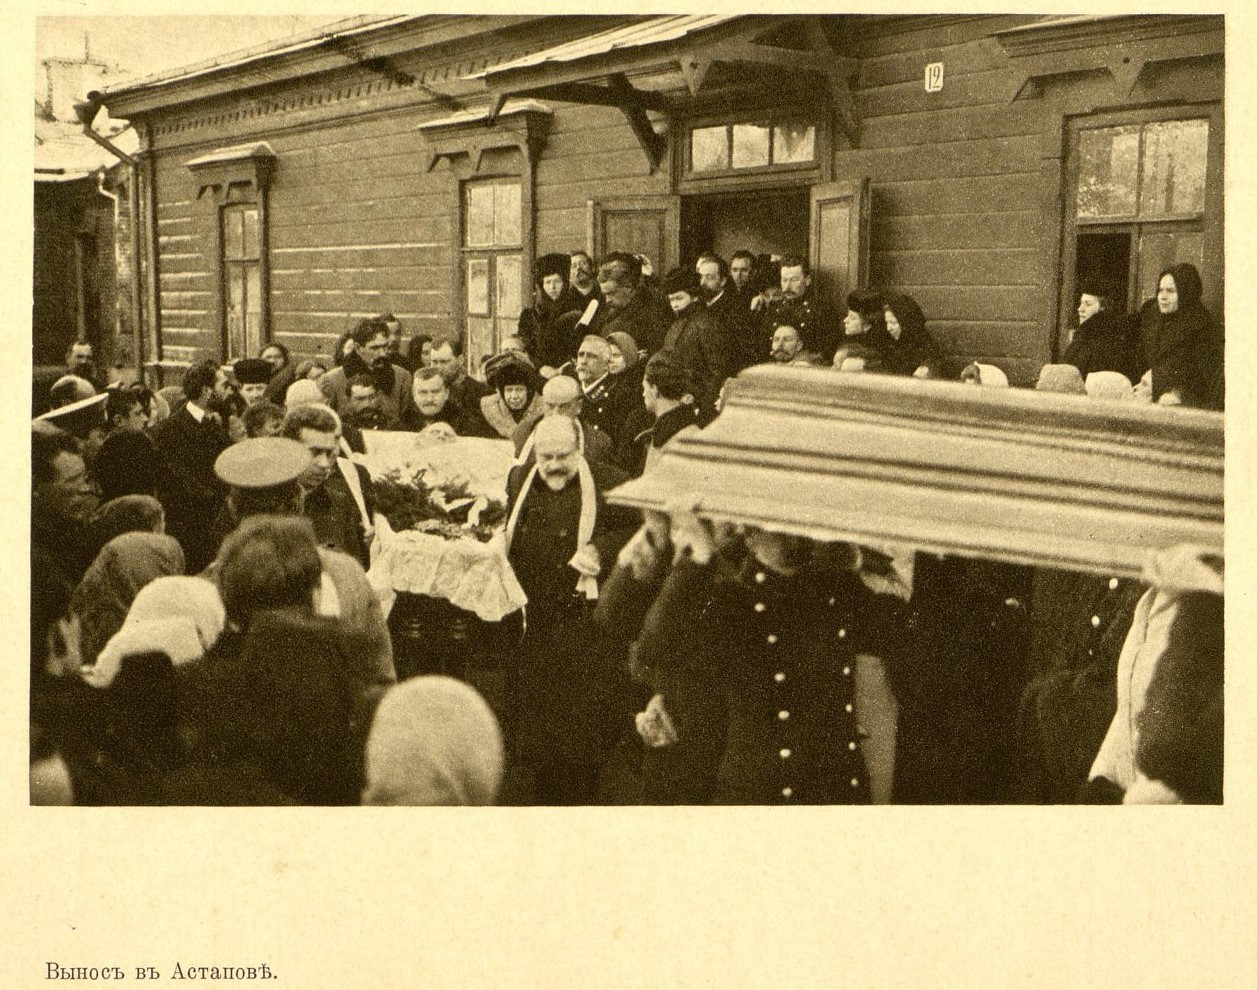 葬列、アスターポヴォ